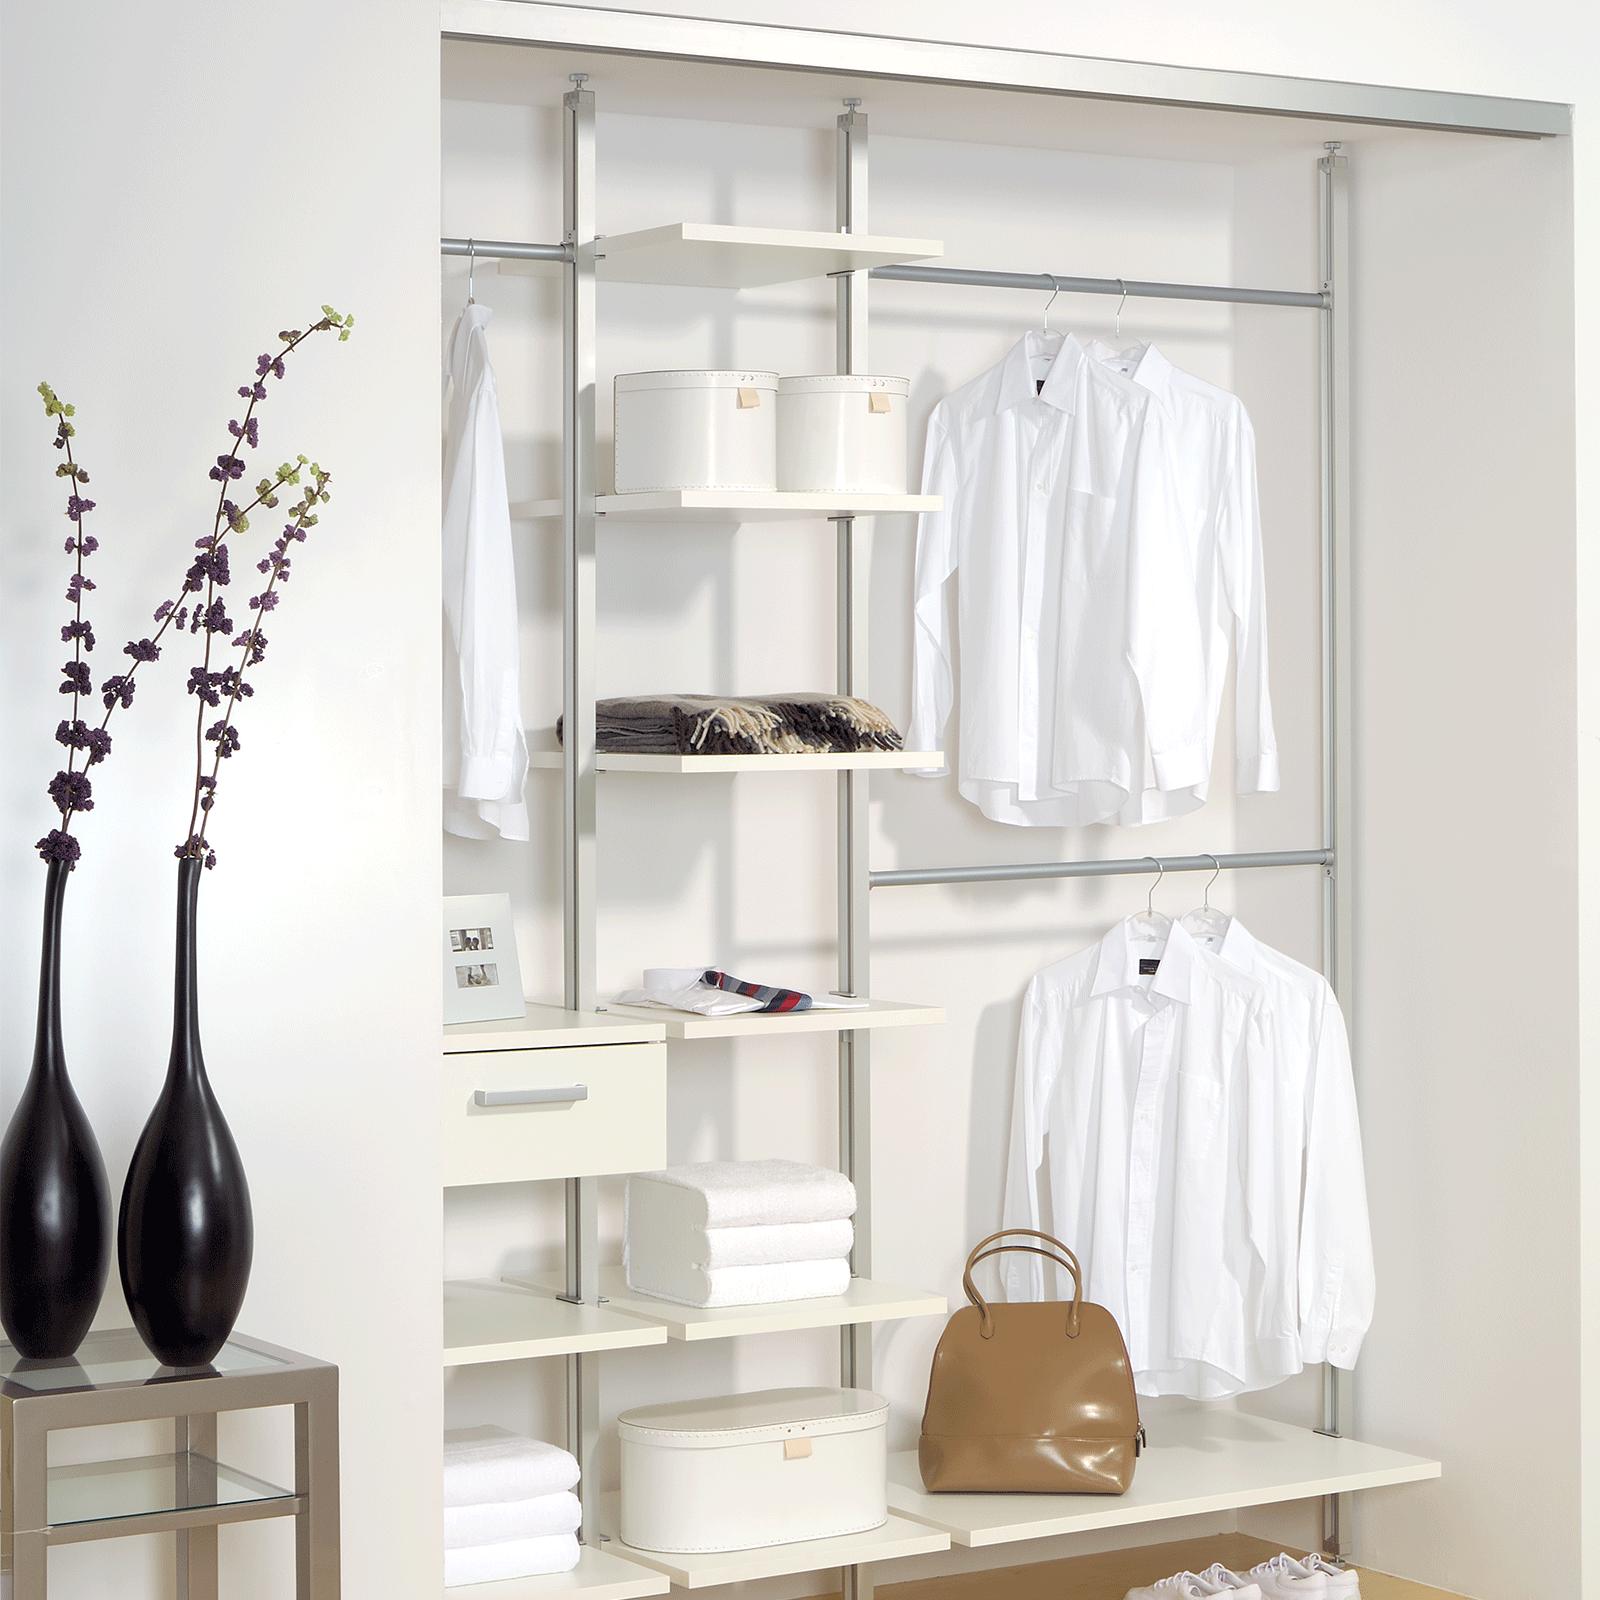 kleiderstange regalst nder erweiterungsset regal b cherregal wohnwand wandregal ebay. Black Bedroom Furniture Sets. Home Design Ideas